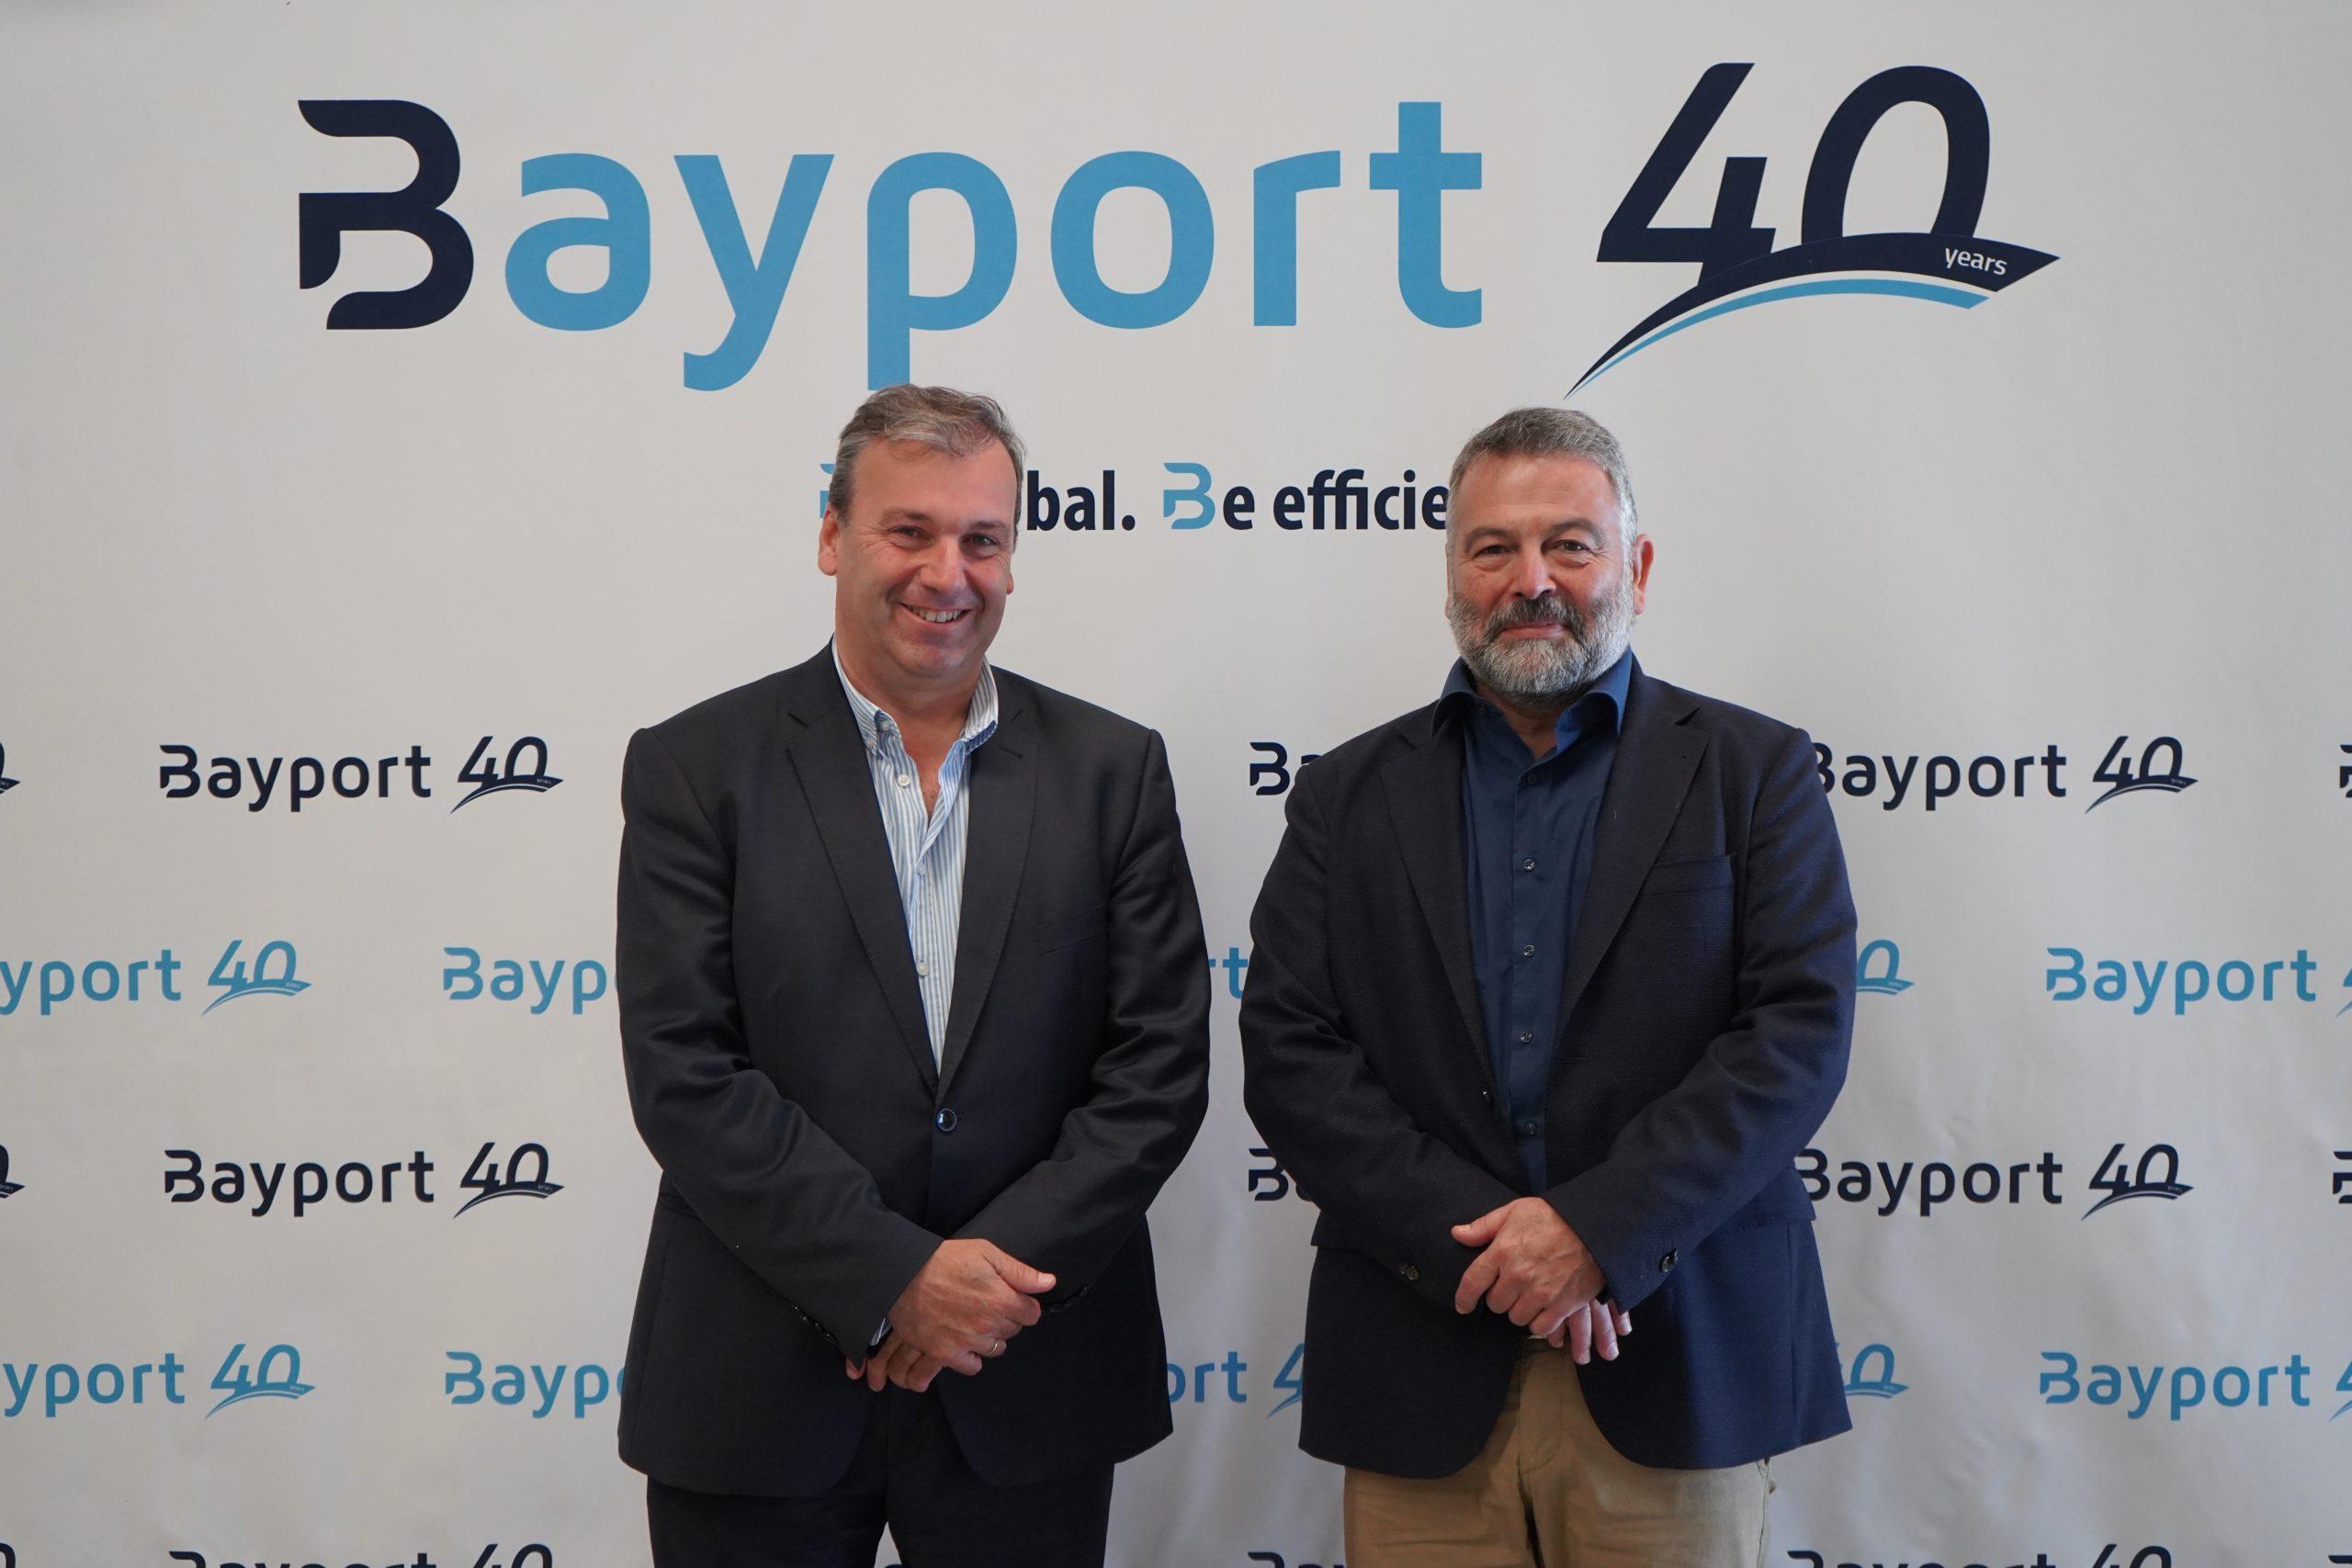 El delegado Alberto Cremades visita Bayport